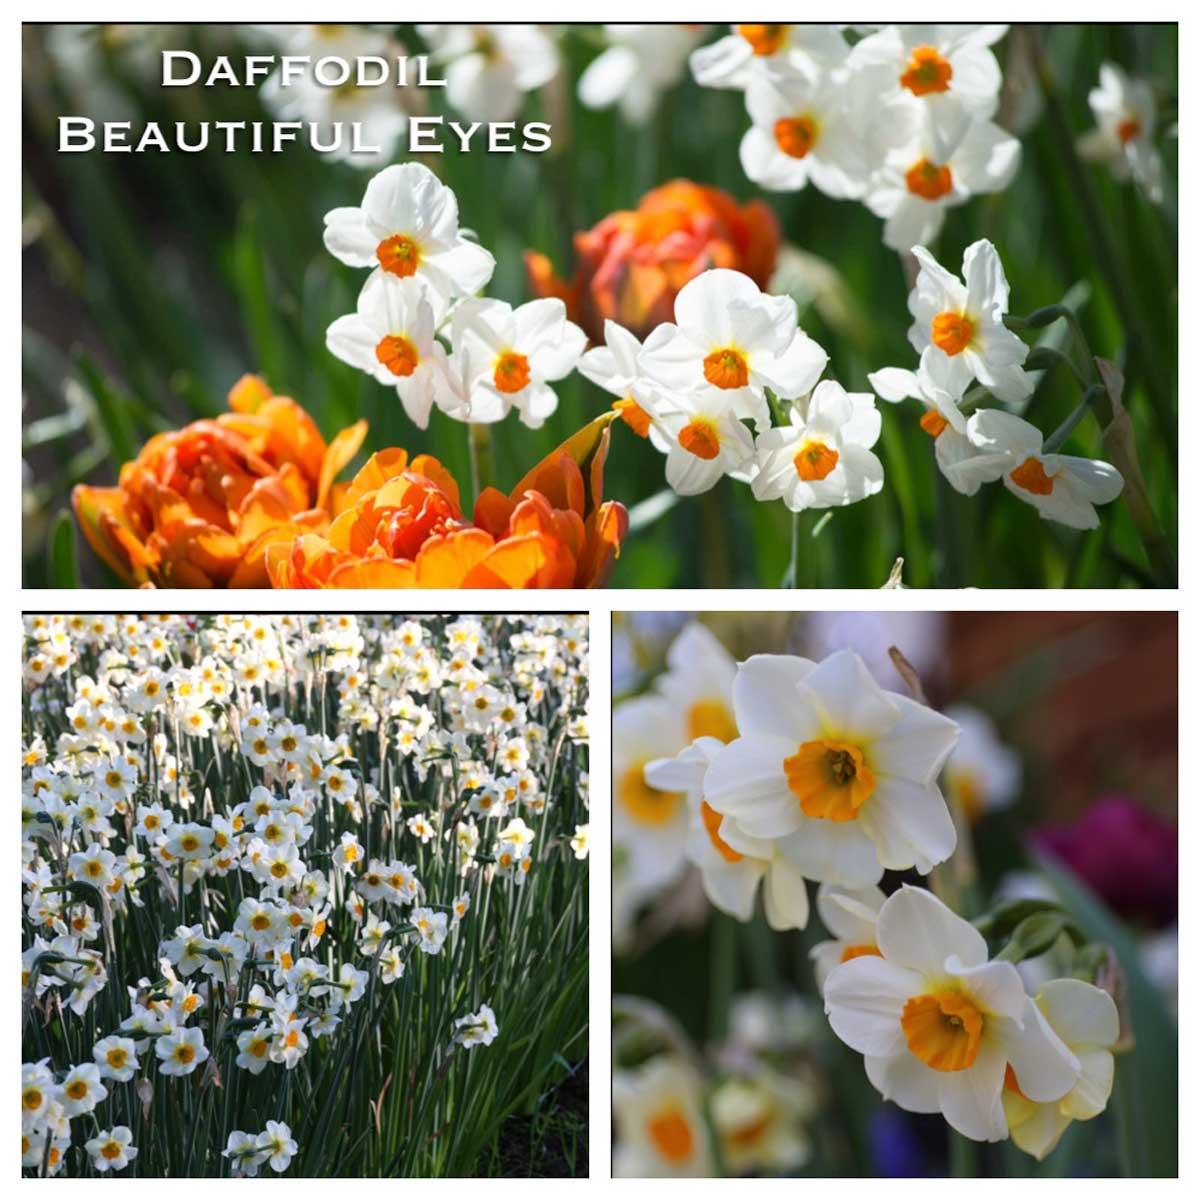 daffodil-beautiful-eyes-w.jpg